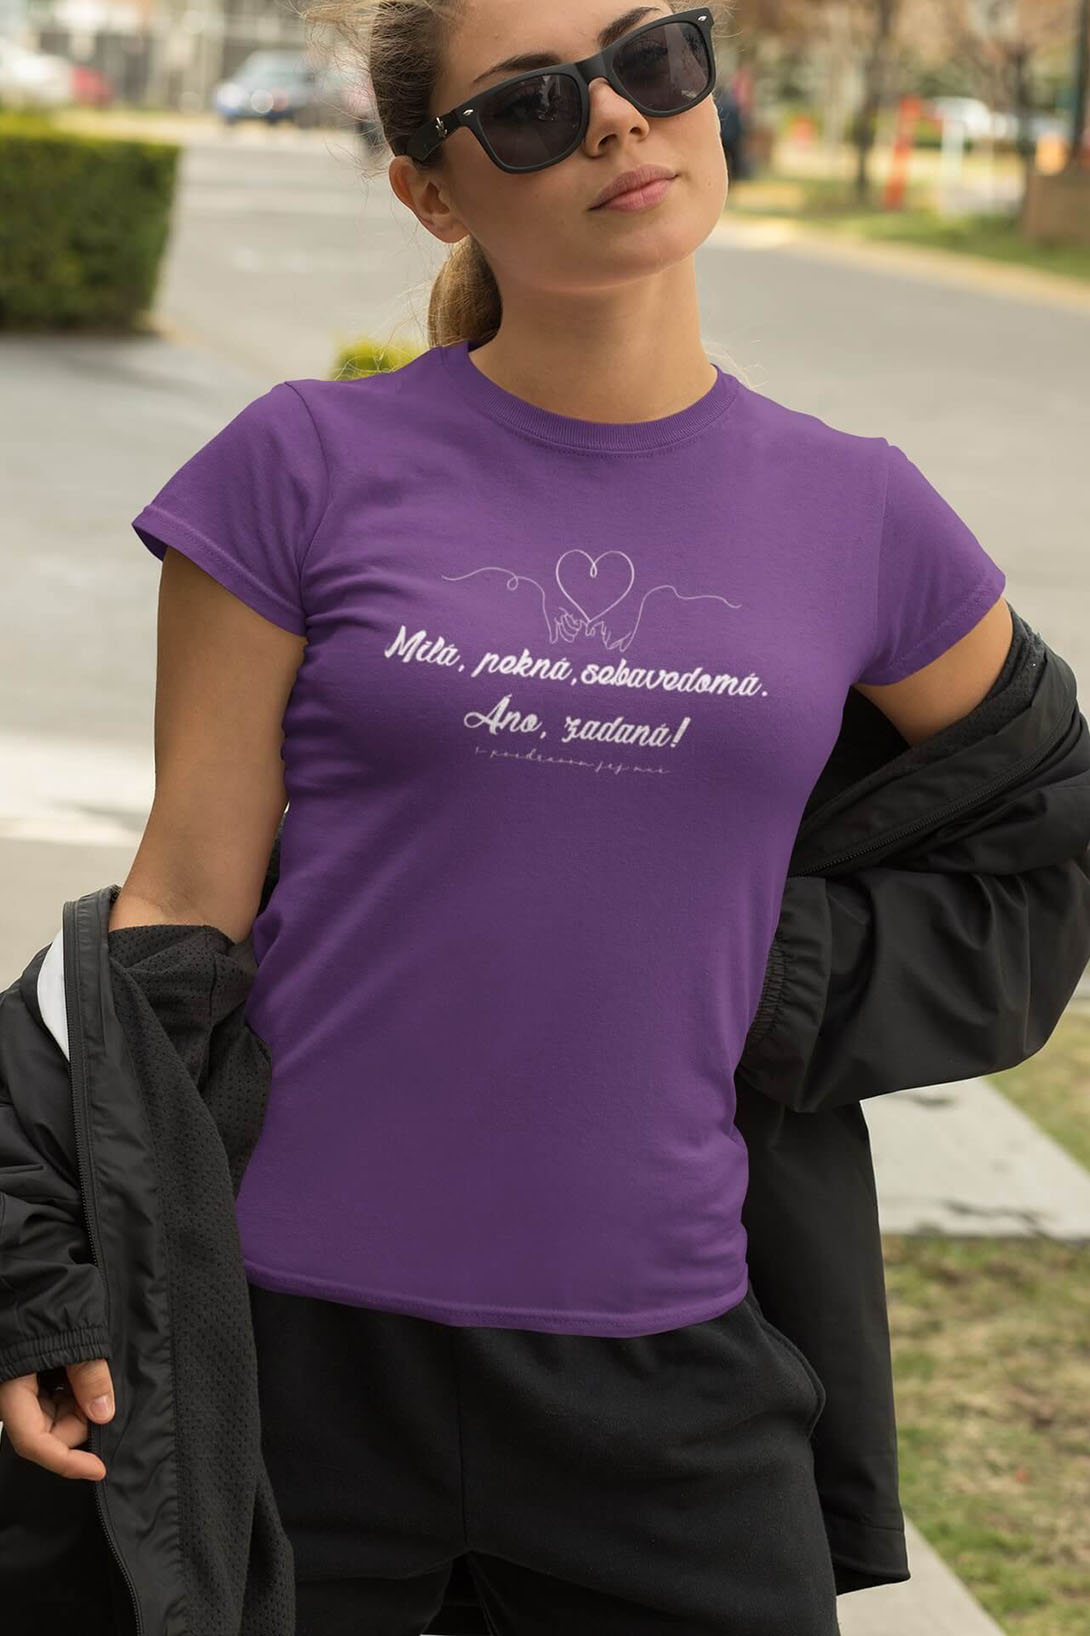 MMO Dámske tričko Milá, pekná, sebavedomá Vyberte farbu: Fialová, Vyberte veľkosť: M